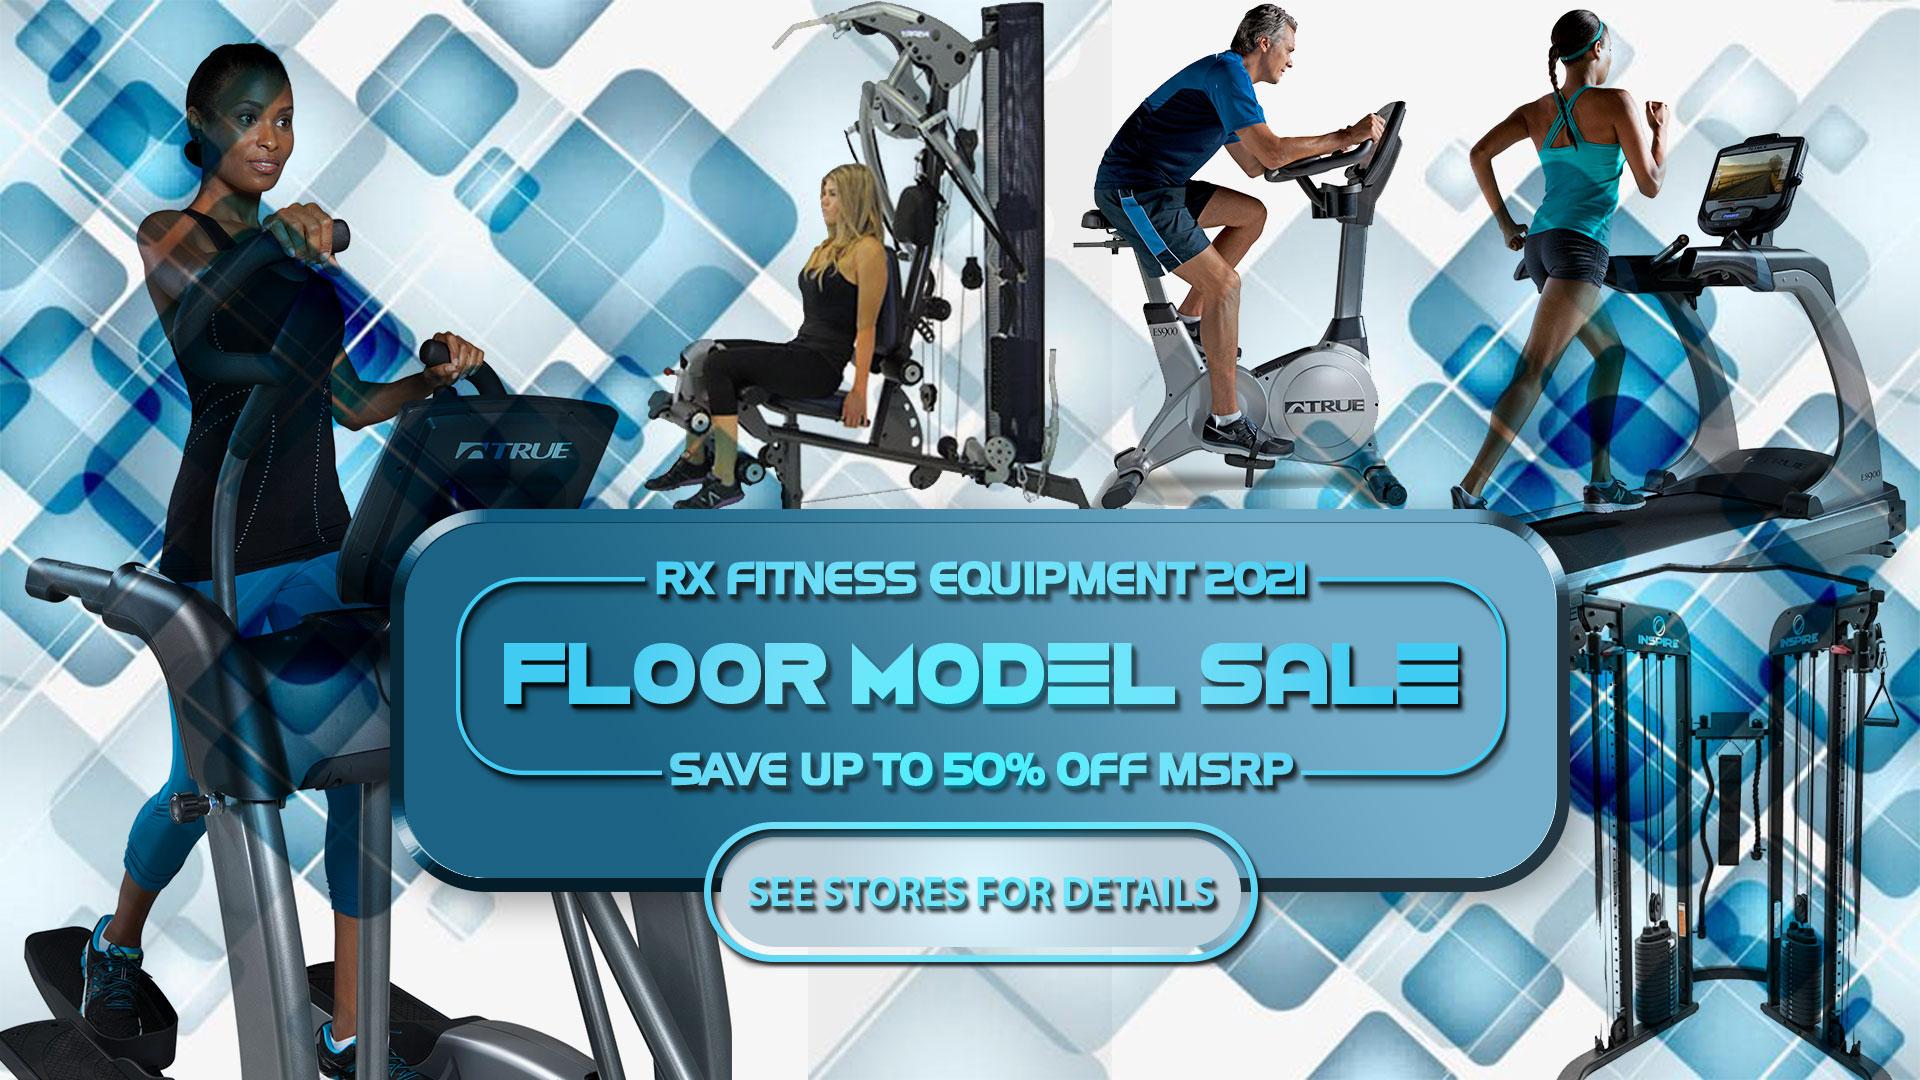 aa Floor model sale 2021